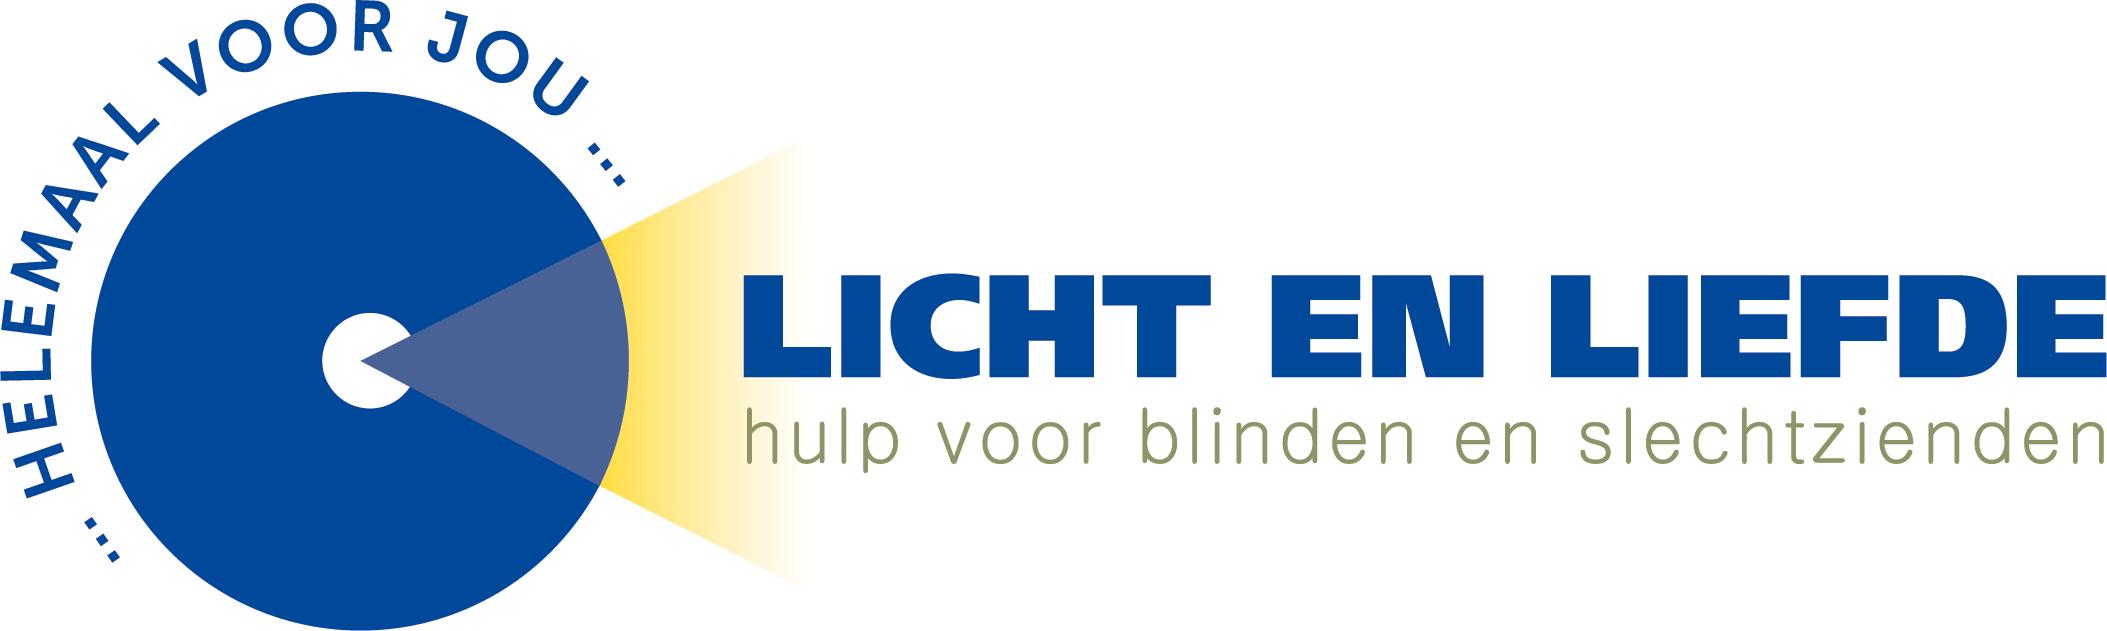 Home Blindenzorg Licht en Liefde, hulp voor blinden en slechtzienden